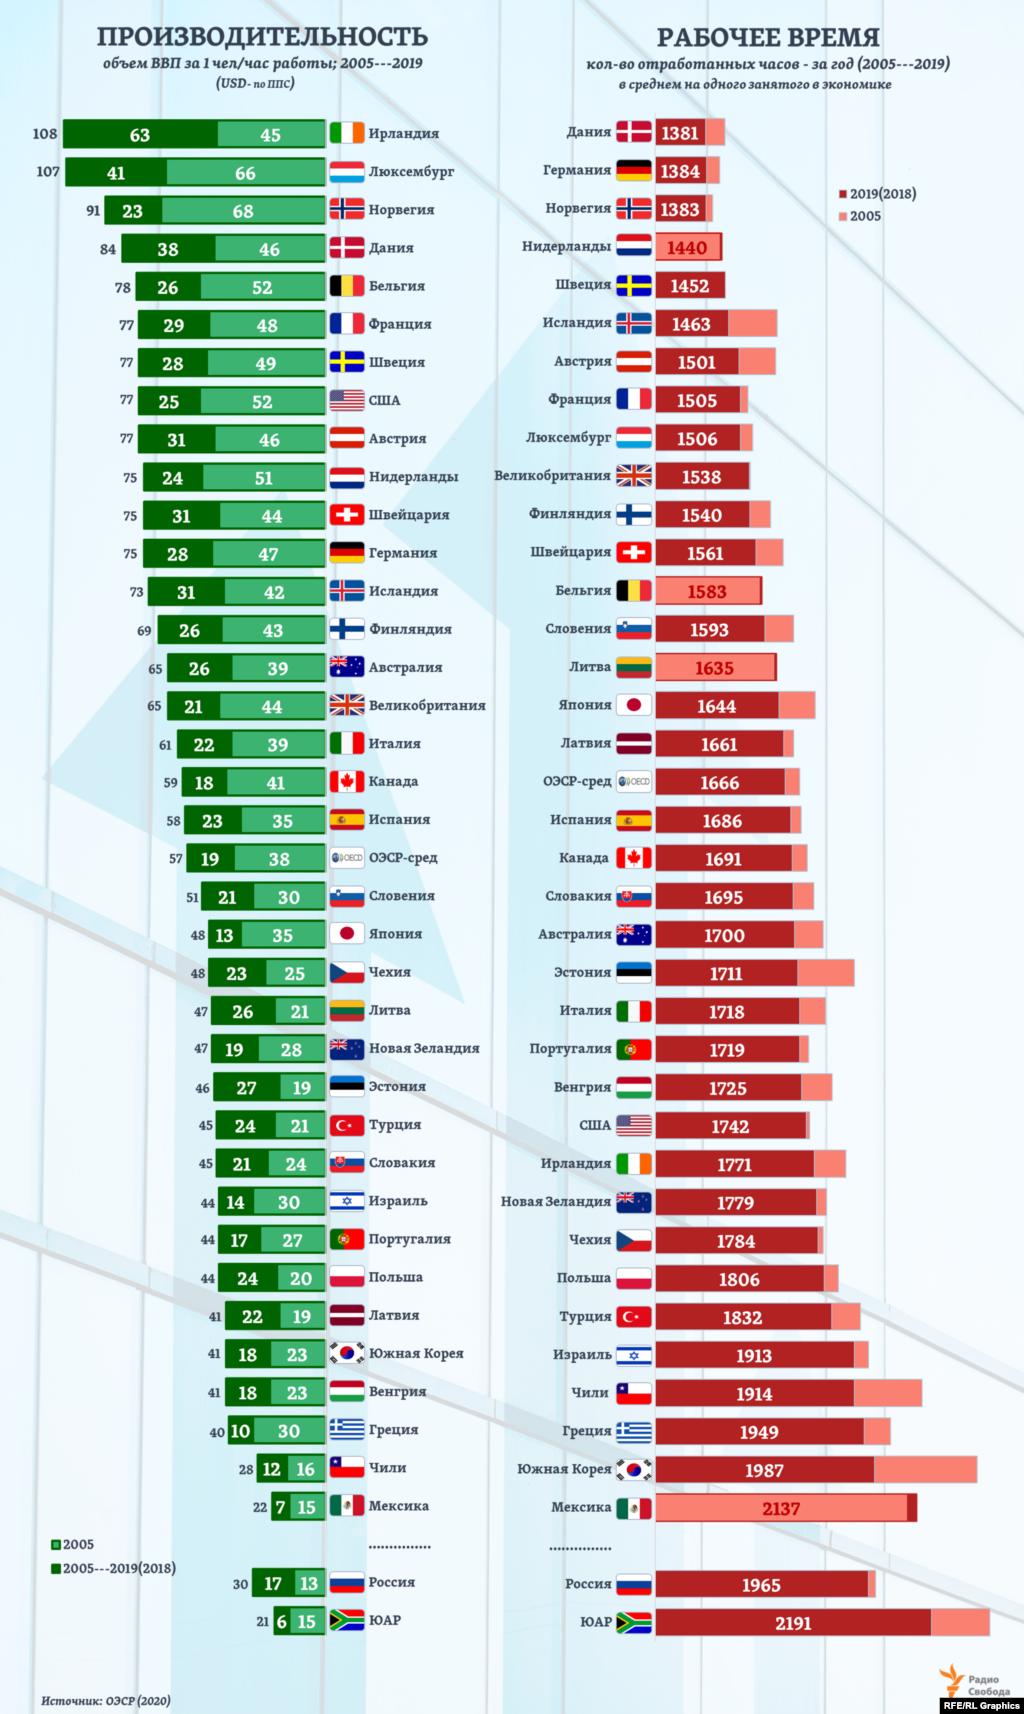 С 2000 года производительность труда в России выросла в 3,5 раза, но и теперь остается почти в 2 раза ниже средней по странам ОЭСР. Хотя по количеству рабочего времени в расчете на одного занятого в экономике Россия, наоборот, опережает почти все страны ОЭСР.